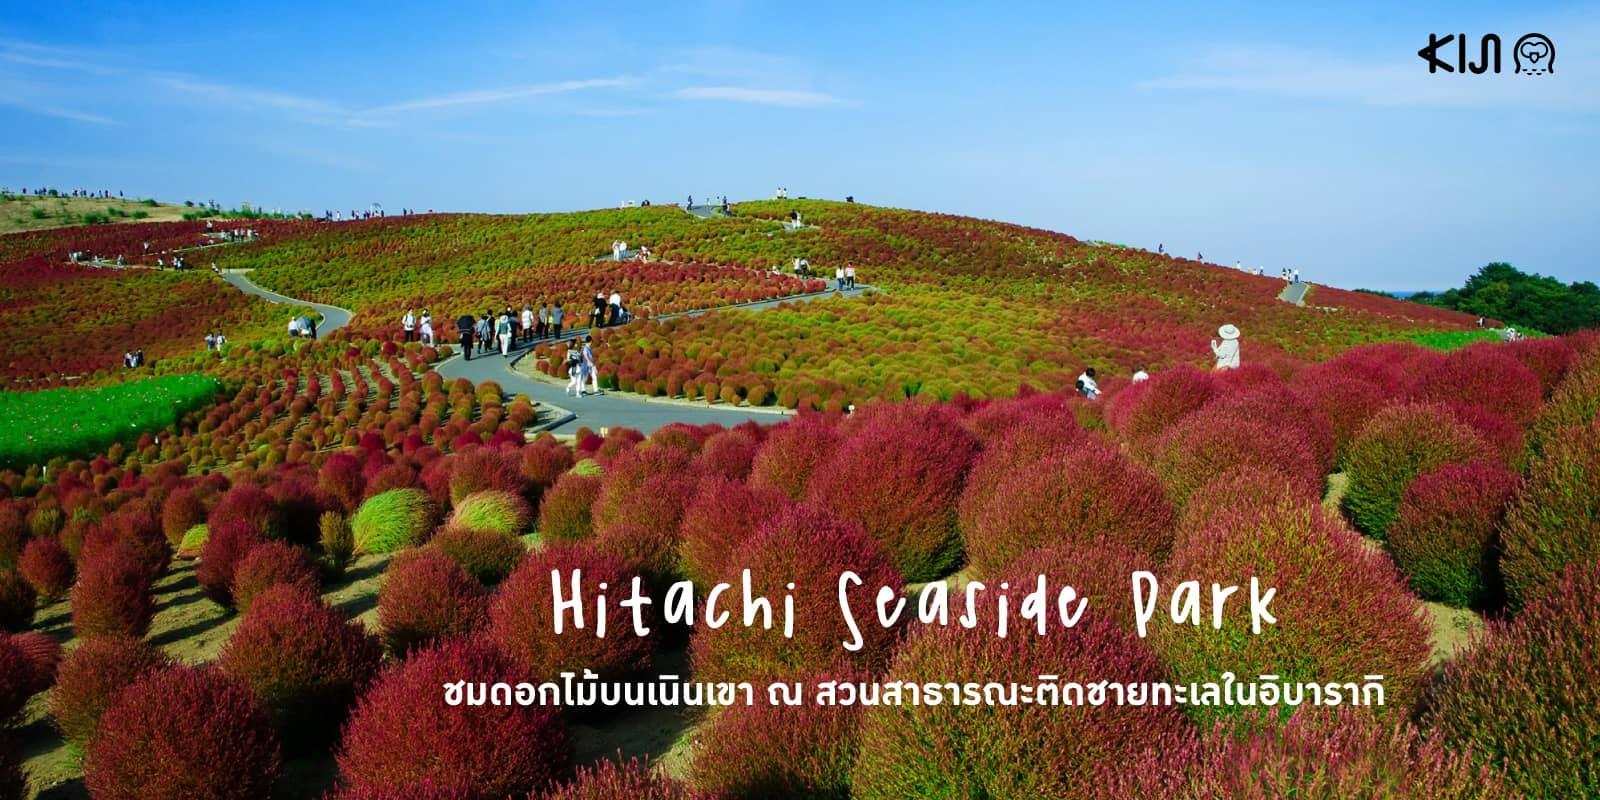 Hitachi Seaside Park ที่เที่ยวในอิบารากิ